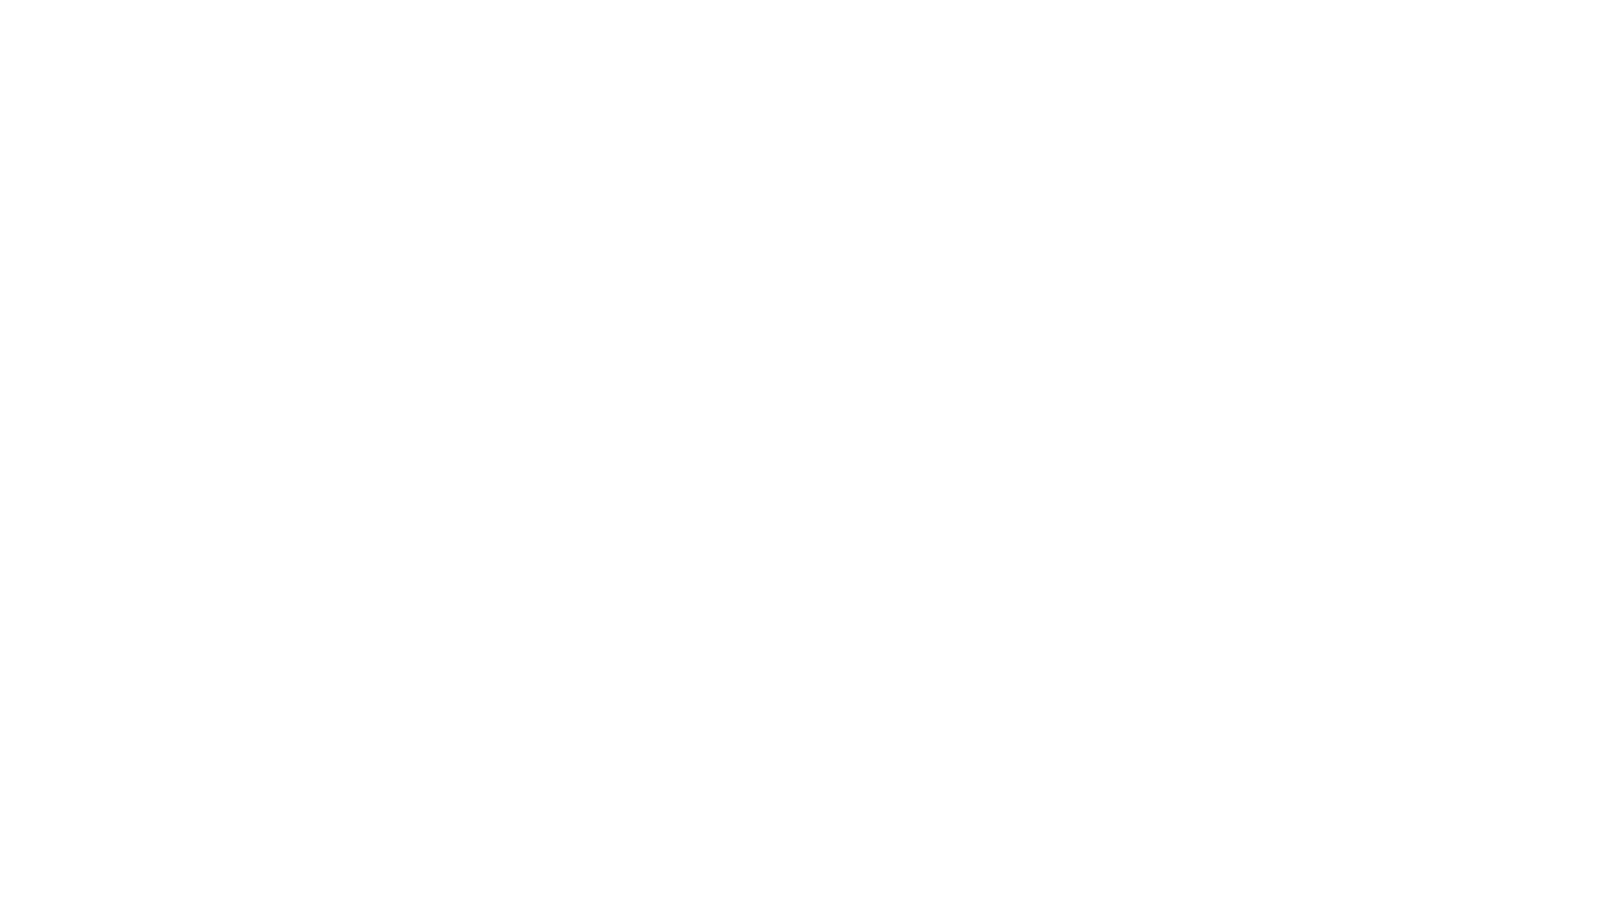 """HP→https://dresskoala.com/ Instagram→https://www.instagram.com/dress_koala/ 私達は""""唯一無二""""をテーマに、コアラでしかできないことを常に生み出していきます。 フォトウェディングを中心に行っており、フォトウェディングのプロデュース、衣装のレンタルからヘアメイク、着付、動画撮影全ておまかせください。 今回の動画の撮影場所は富山県内です。 自然豊かな富山県でドローンを使った撮影などさまざまな撮影ができます。"""